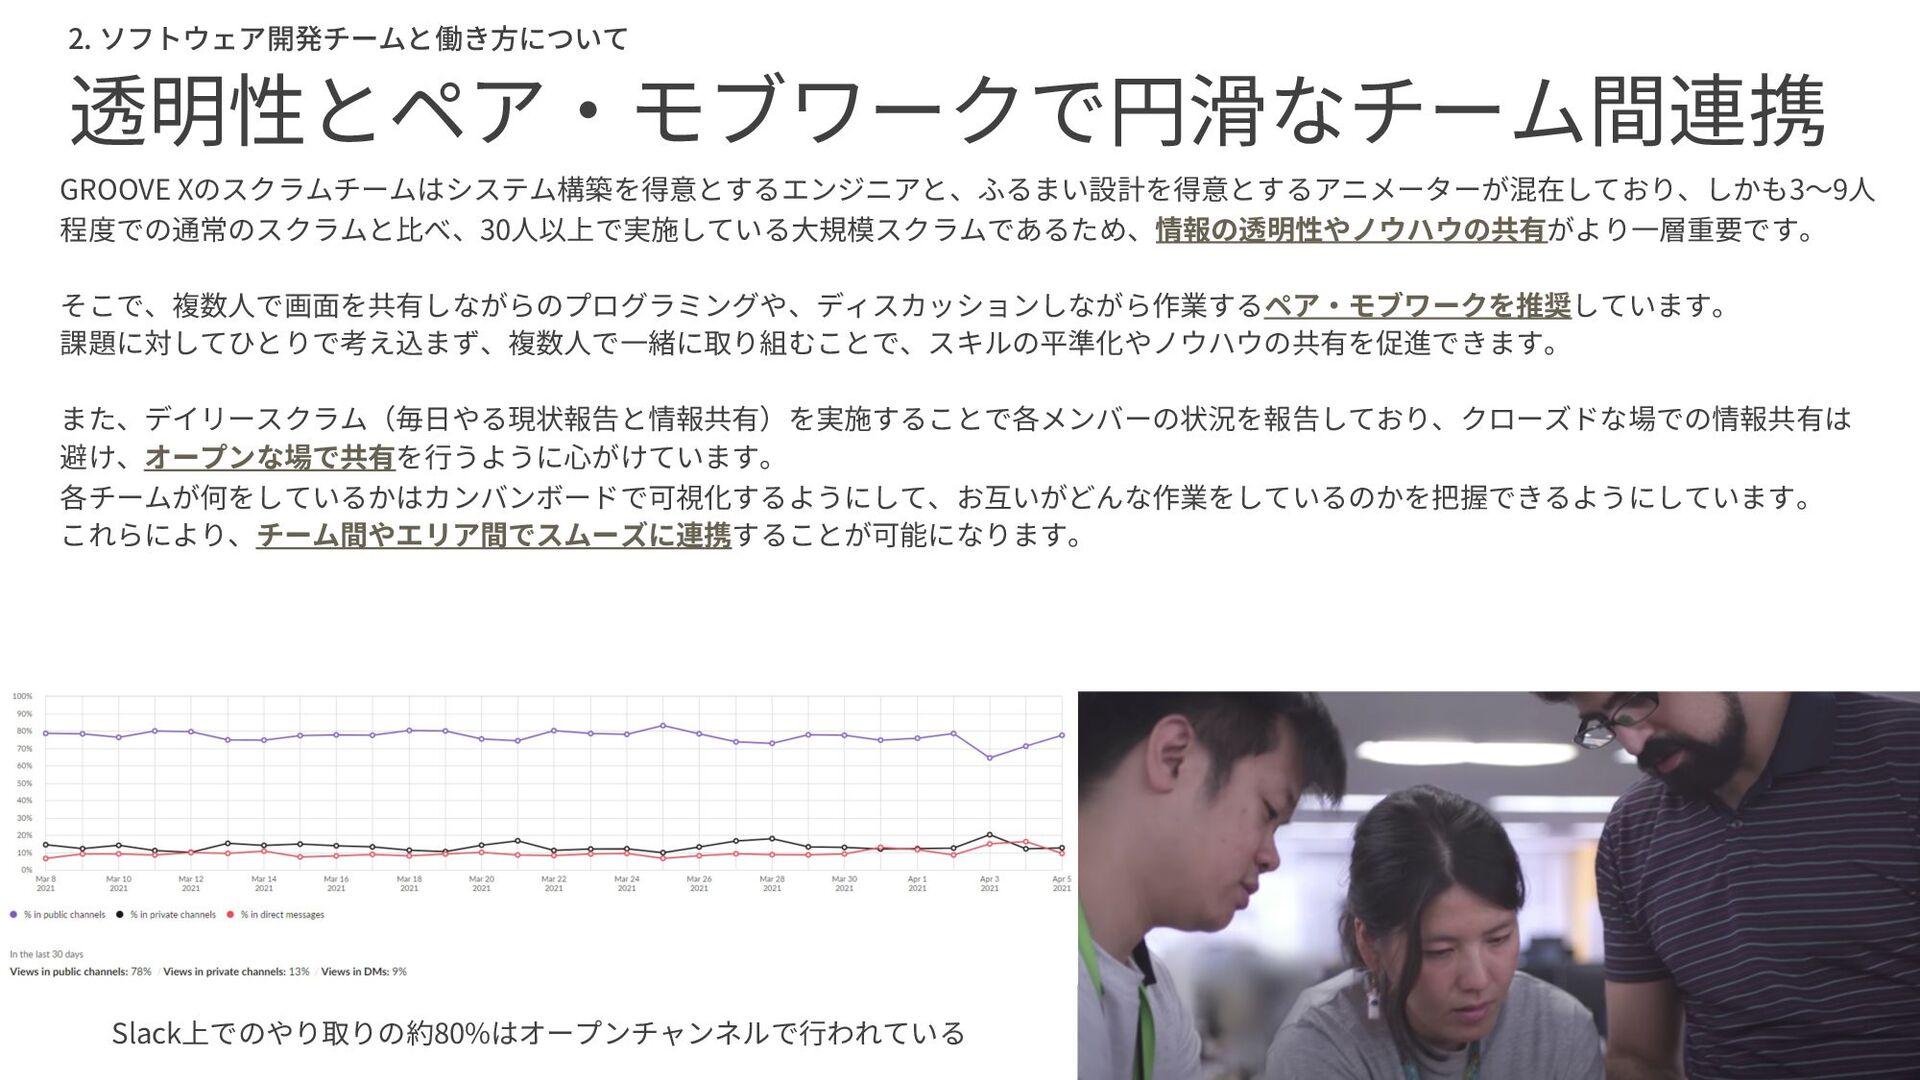 2. ソフトウェア開発チームと働き方について GROOVE Xのスクラム開発 スクラムでの開発...